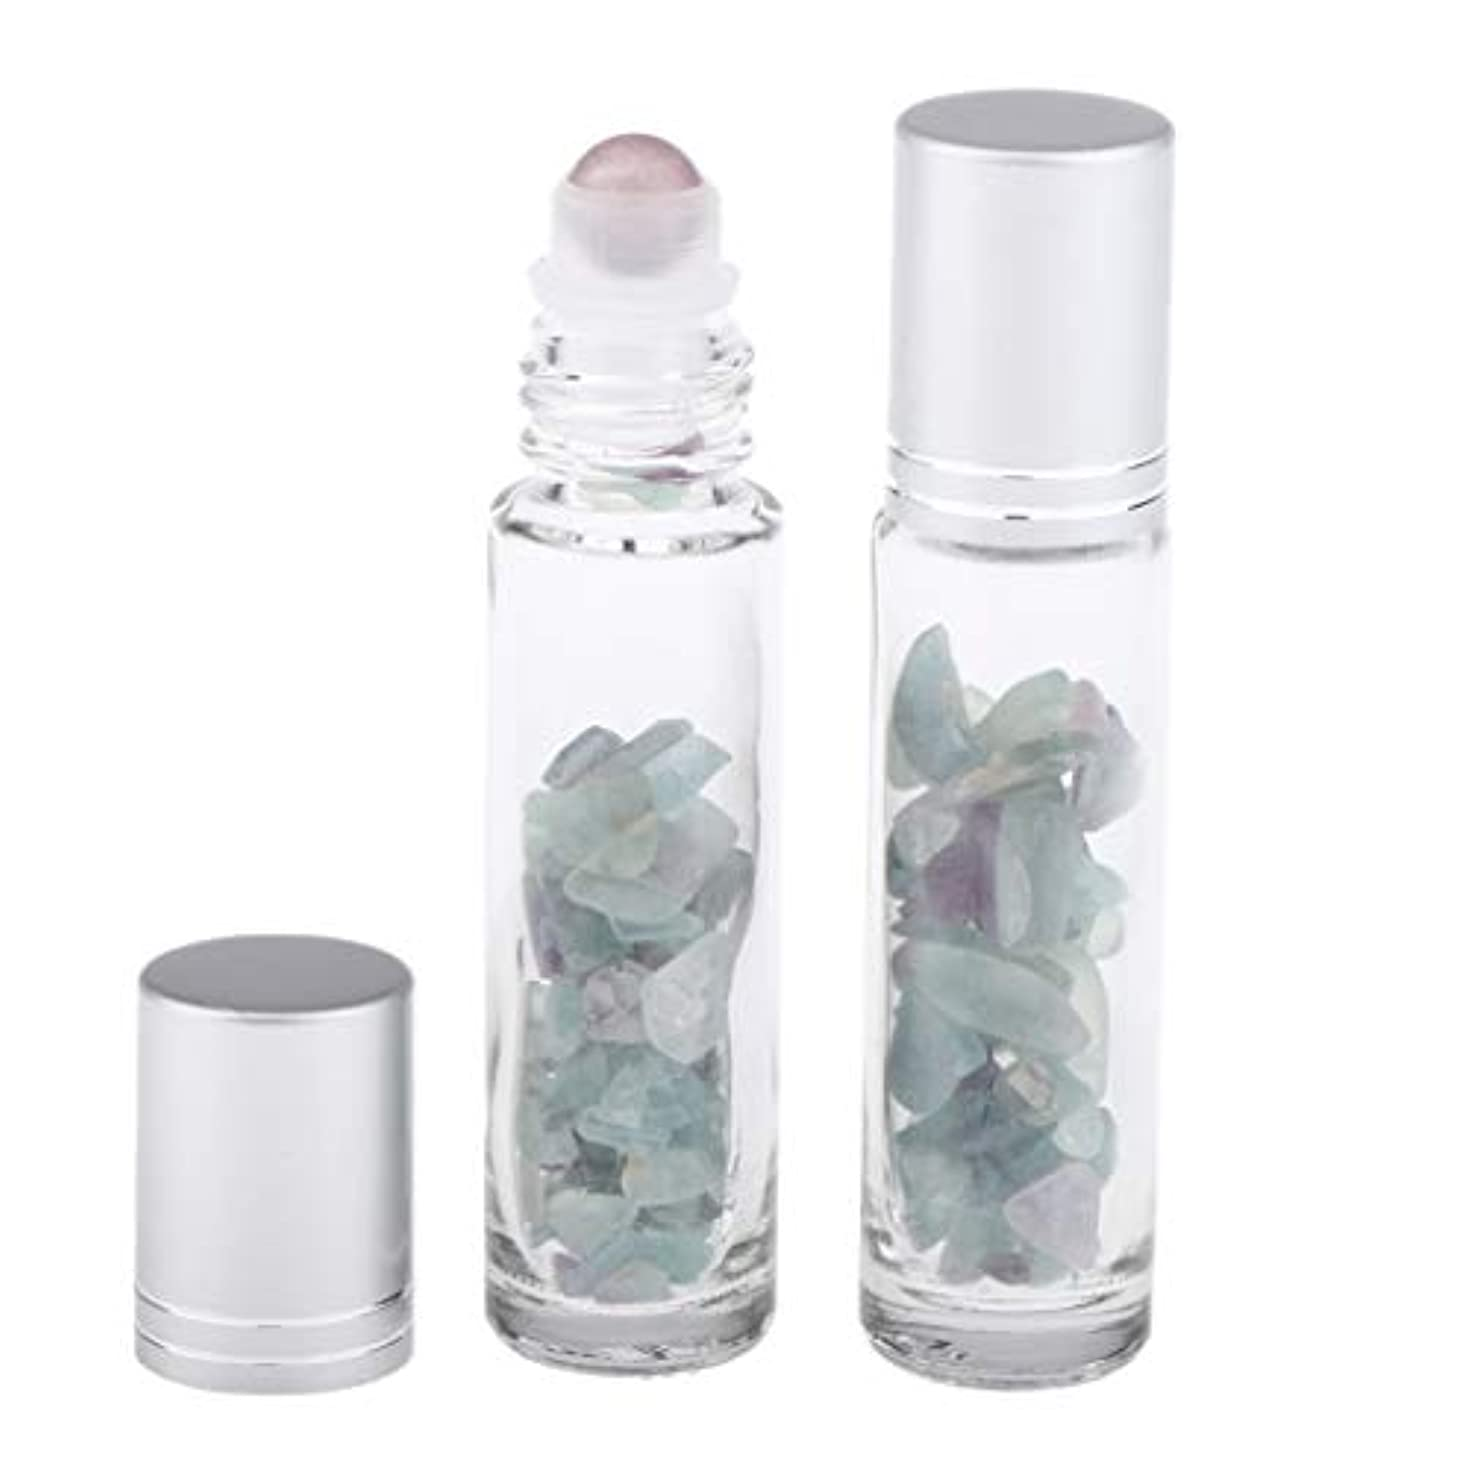 ヨーグルト解読する今晩10ml ガラスボトル 香水ボトル 精油瓶 アトマイザー 詰替え ロールオンボトル 天然石 2個 - 崔翡翠石